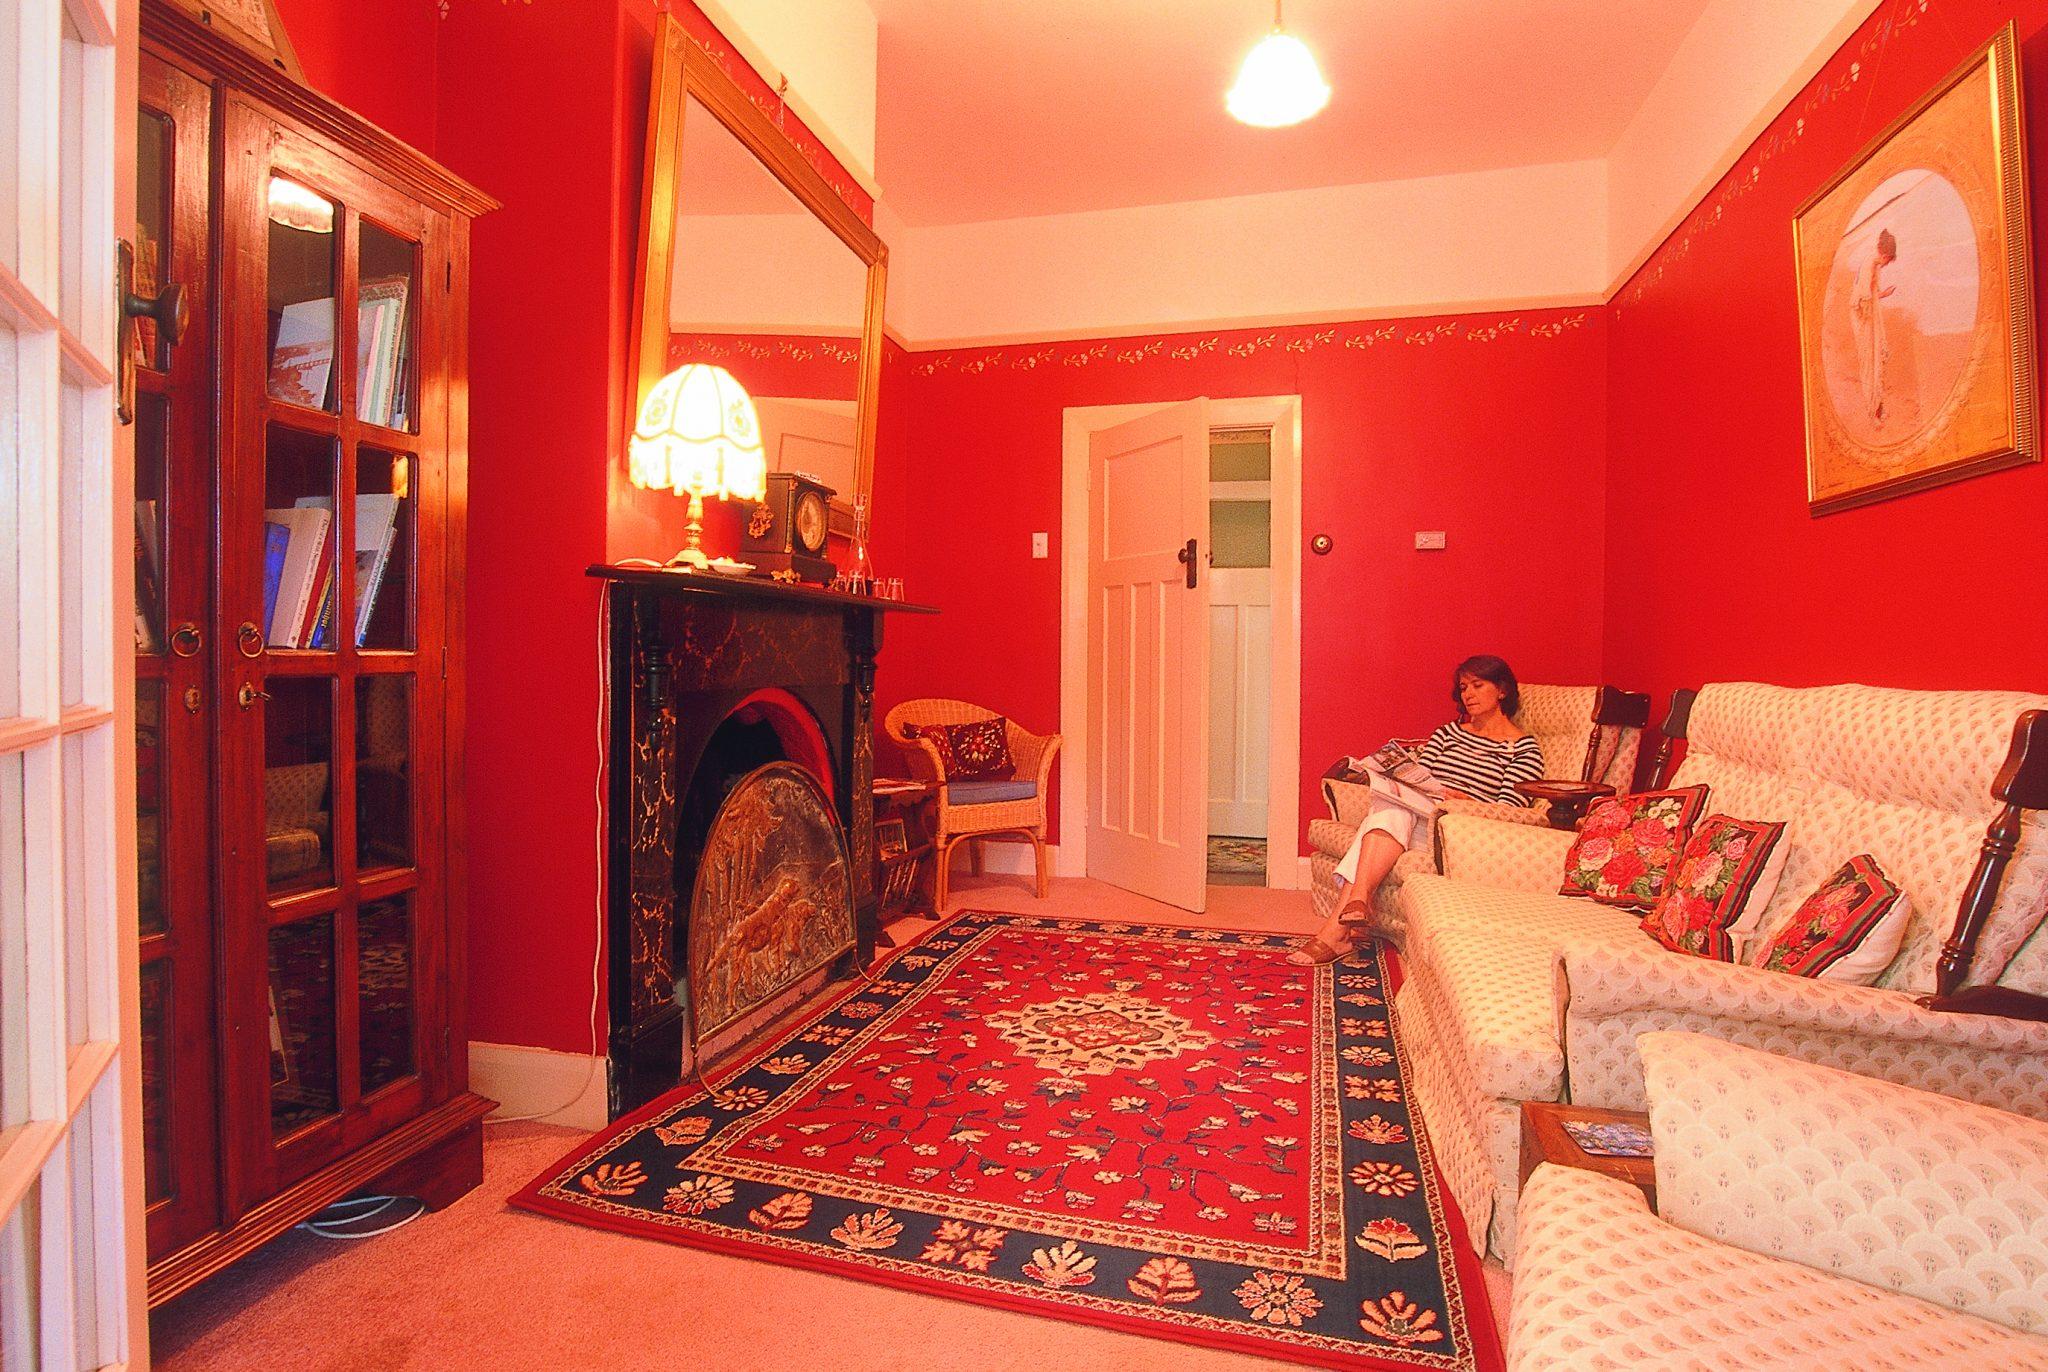 B&B sitting room